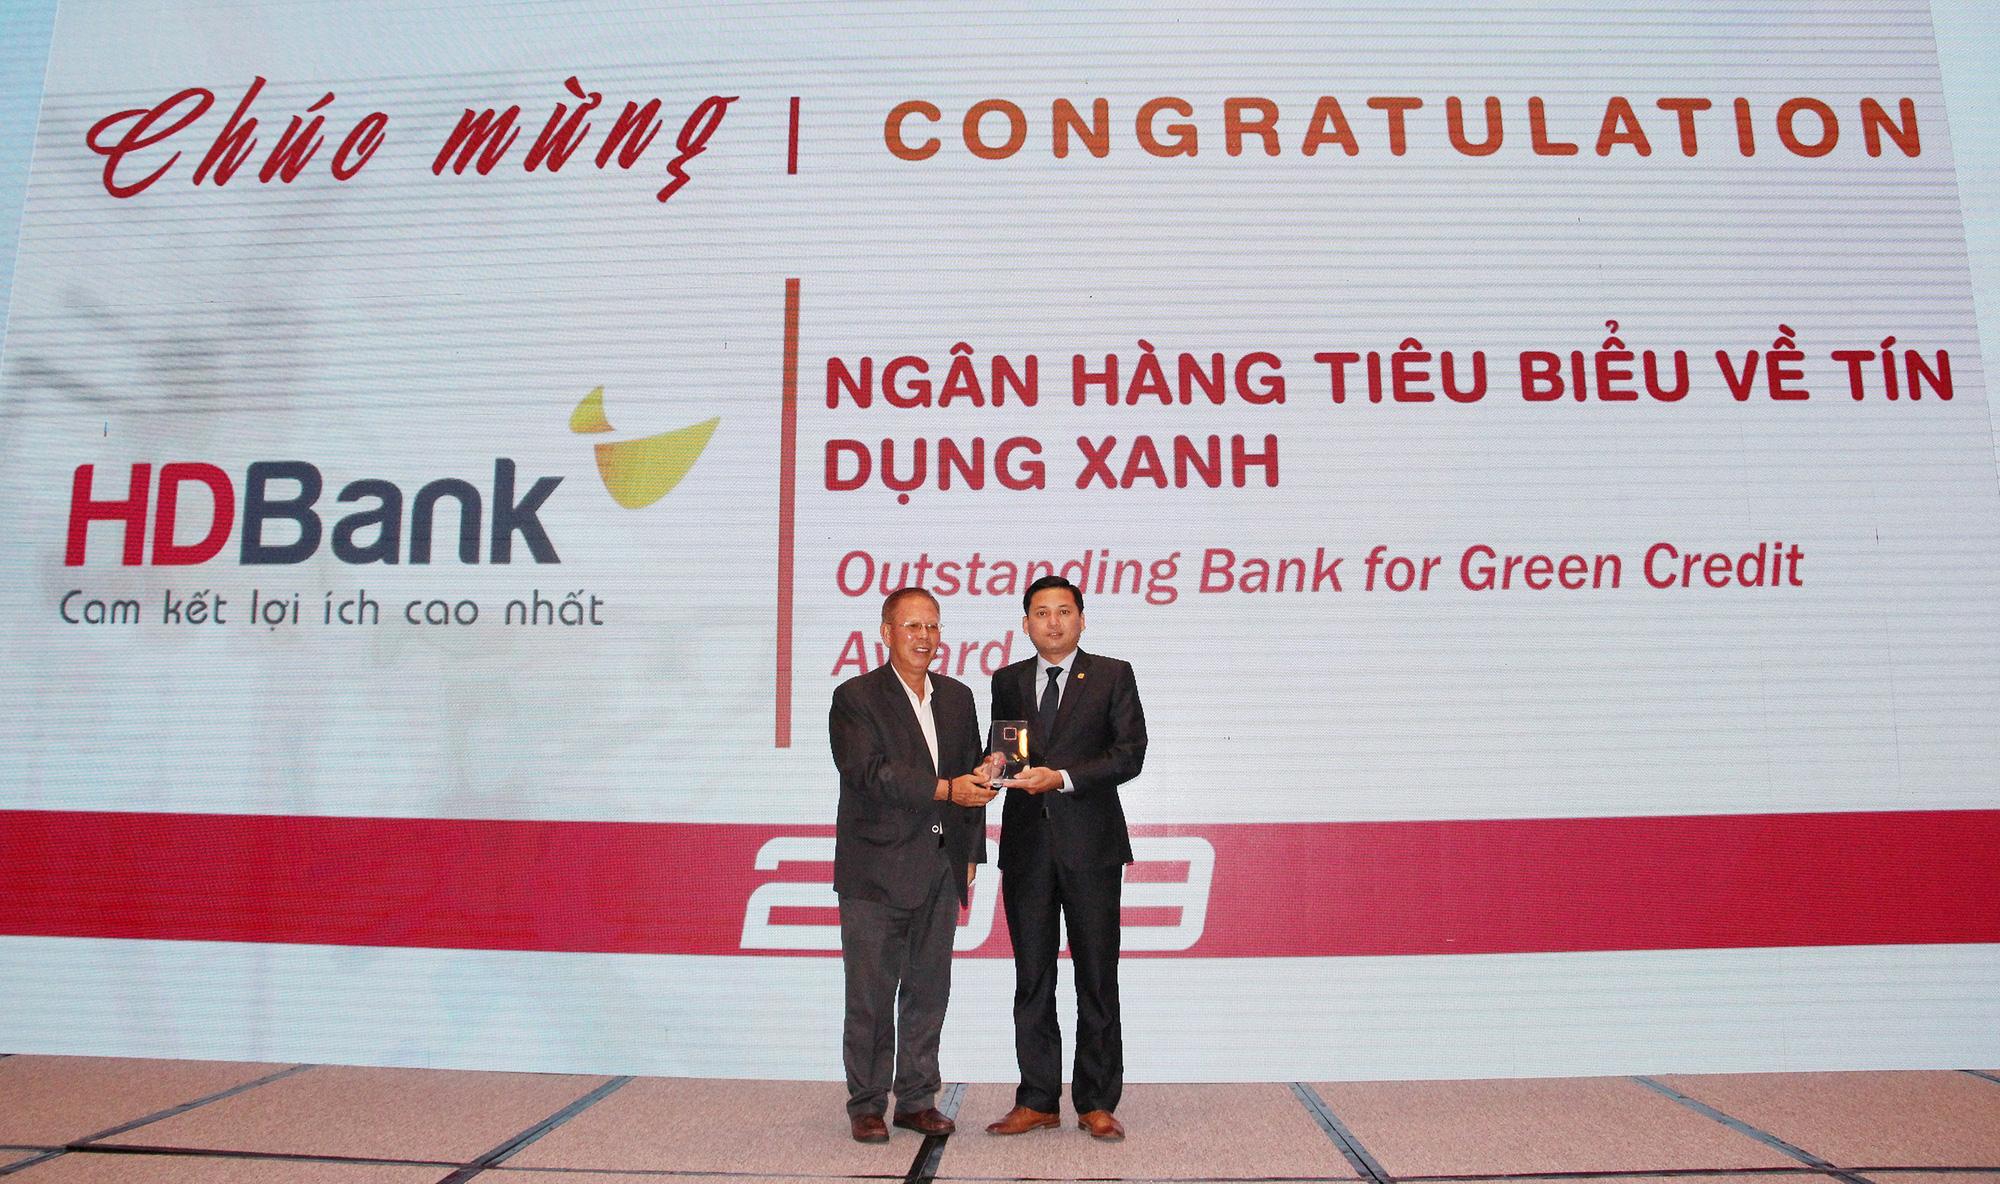 HDBank nhận giải Ngân hàng tiêu biểu về Tín dụng Xanh - Ảnh 1.